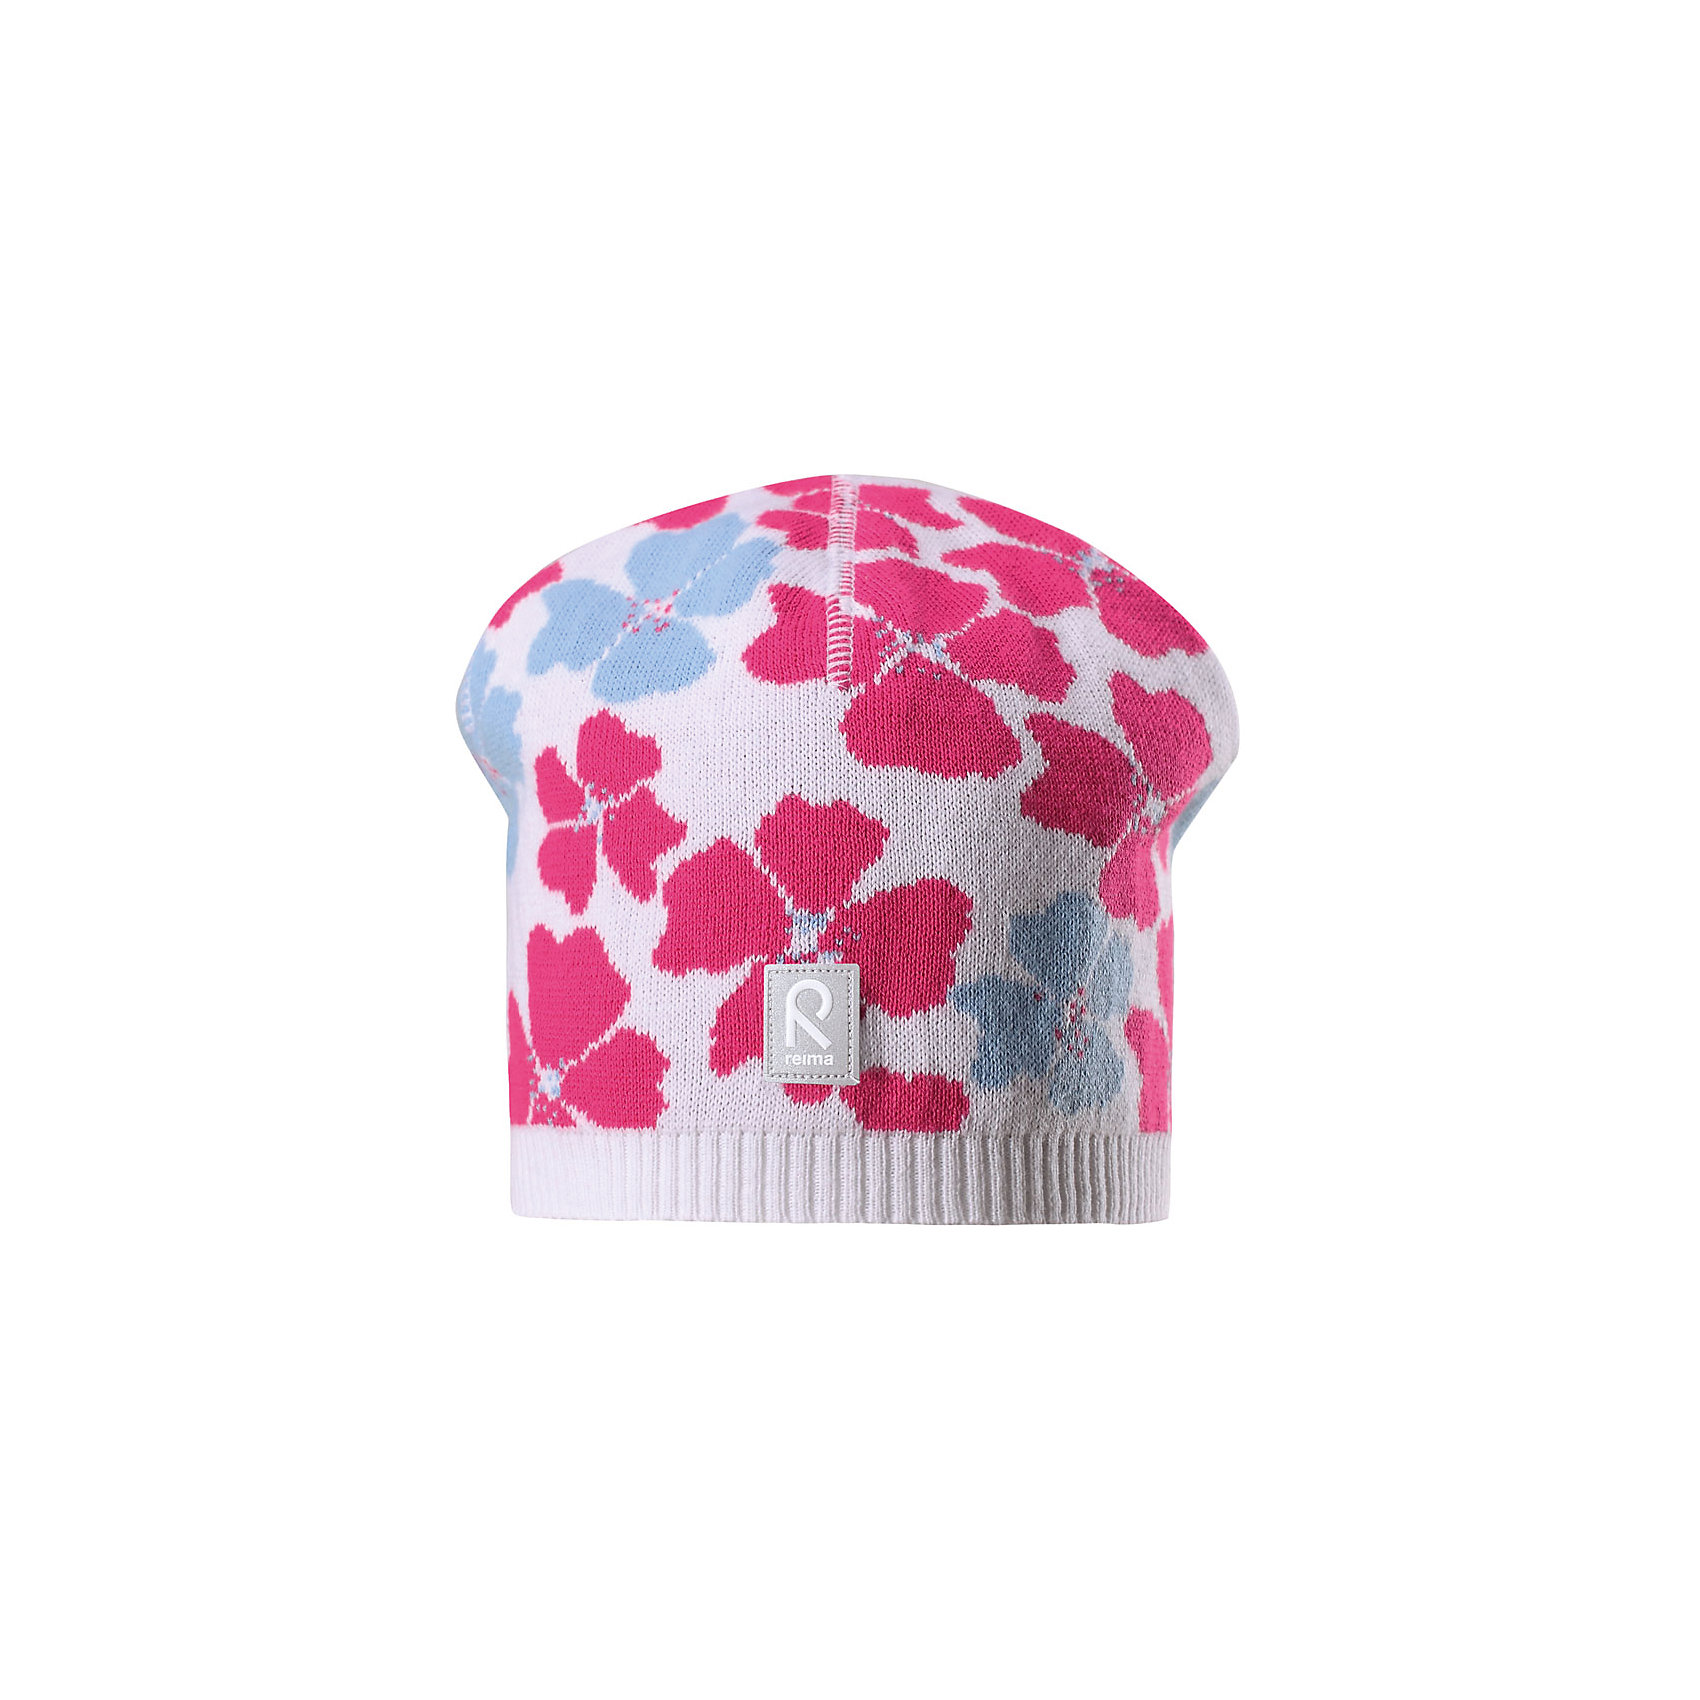 Шапка Paradise для девочки ReimaШапки и шарфы<br>Характеристики товара:<br><br>• цвет: белый<br>• состав: 100% хлопок<br>• температурный режим: от +10С<br>• эластичный хлопковый трикотаж<br>• изделие сертифицированно по стандарту Oeko-Tex на продукцию класса 2 - одежда, контактирующая с кожей<br>• облегчённая модель без подкладки<br>• эмблема Reima спереди<br>• сплошная жаккардовая узорная вязка<br>• светоотражающая эмблема спереди<br>• страна бренда: Финляндия<br>• страна производства: Китай<br><br>Детский головной убор может быть модным и удобным одновременно! Стильная шапка поможет обеспечить ребенку комфорт и дополнить наряд.Шапка удобно сидит и аккуратно выглядит. Проста в уходе, долго служит. Стильный дизайн разрабатывался специально для детей. Отличная защита от дождя и ветра!<br><br>Уход:<br><br>• стирать по отдельности, вывернув наизнанку<br>• придать первоначальную форму вo влажном виде<br>• возможна усадка 5 %.<br><br>Шапку для девочки от финского бренда Reima (Рейма) можно купить в нашем интернет-магазине.<br><br>Ширина мм: 89<br>Глубина мм: 117<br>Высота мм: 44<br>Вес г: 155<br>Цвет: белый<br>Возраст от месяцев: 24<br>Возраст до месяцев: 60<br>Пол: Женский<br>Возраст: Детский<br>Размер: 52,54,56,50<br>SKU: 5267851